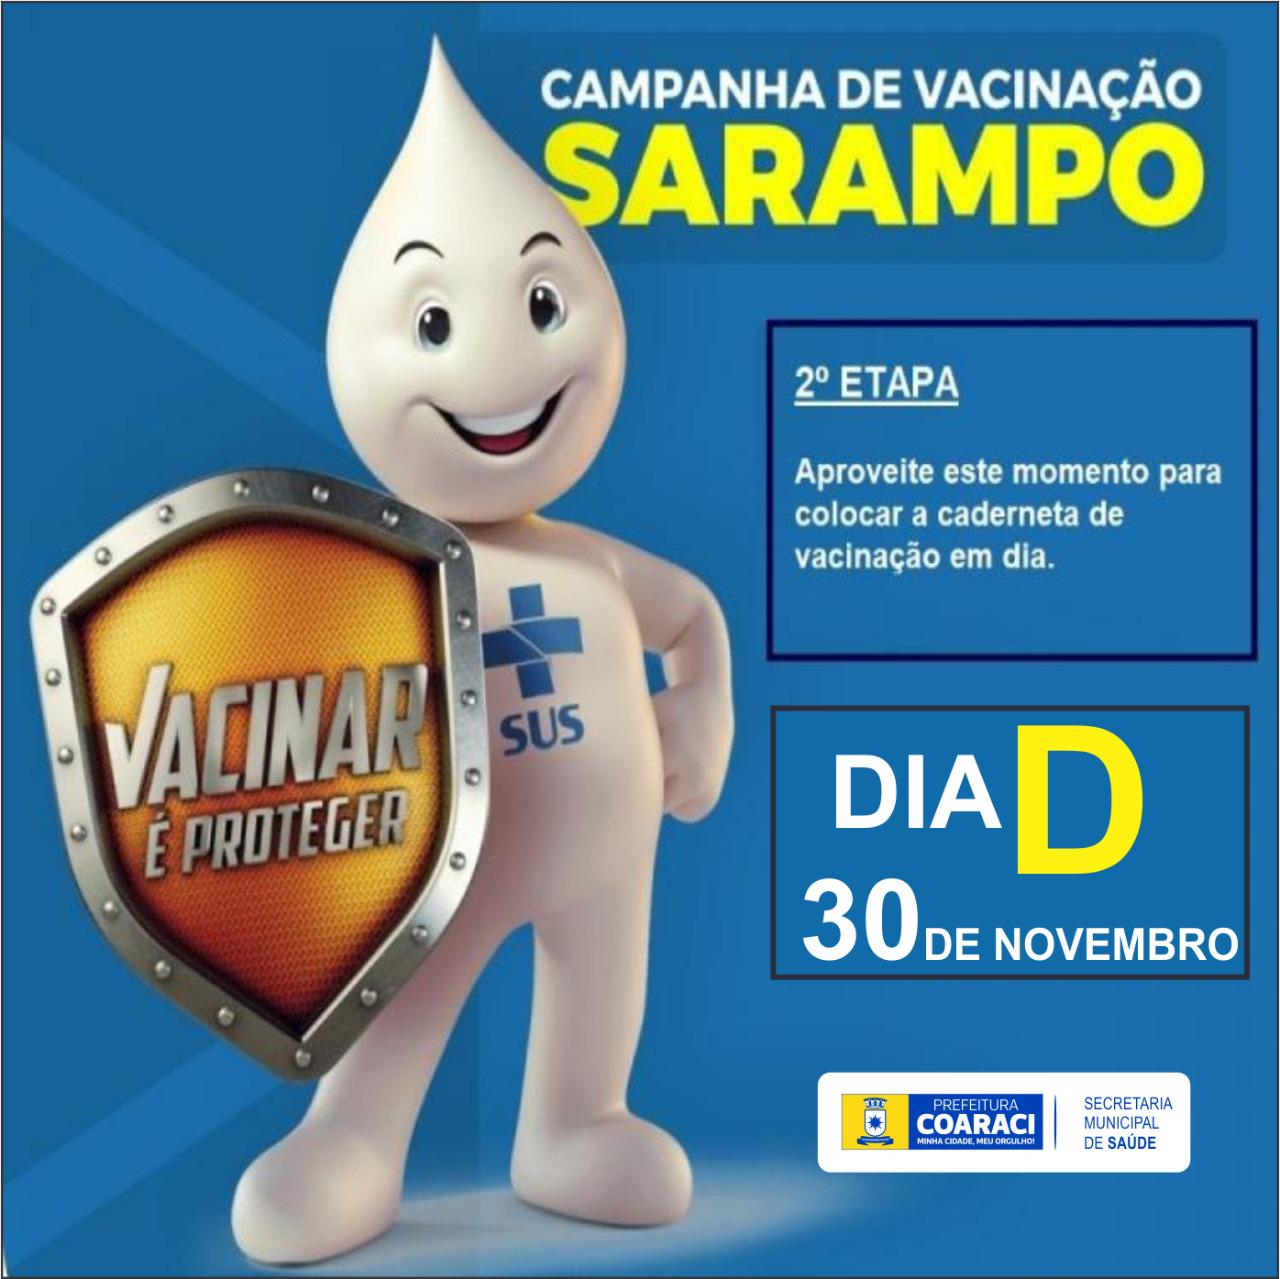 Dia D da Campanha Nacional de Vacinação contra o Sarampo será sábado, 30 de novembro.